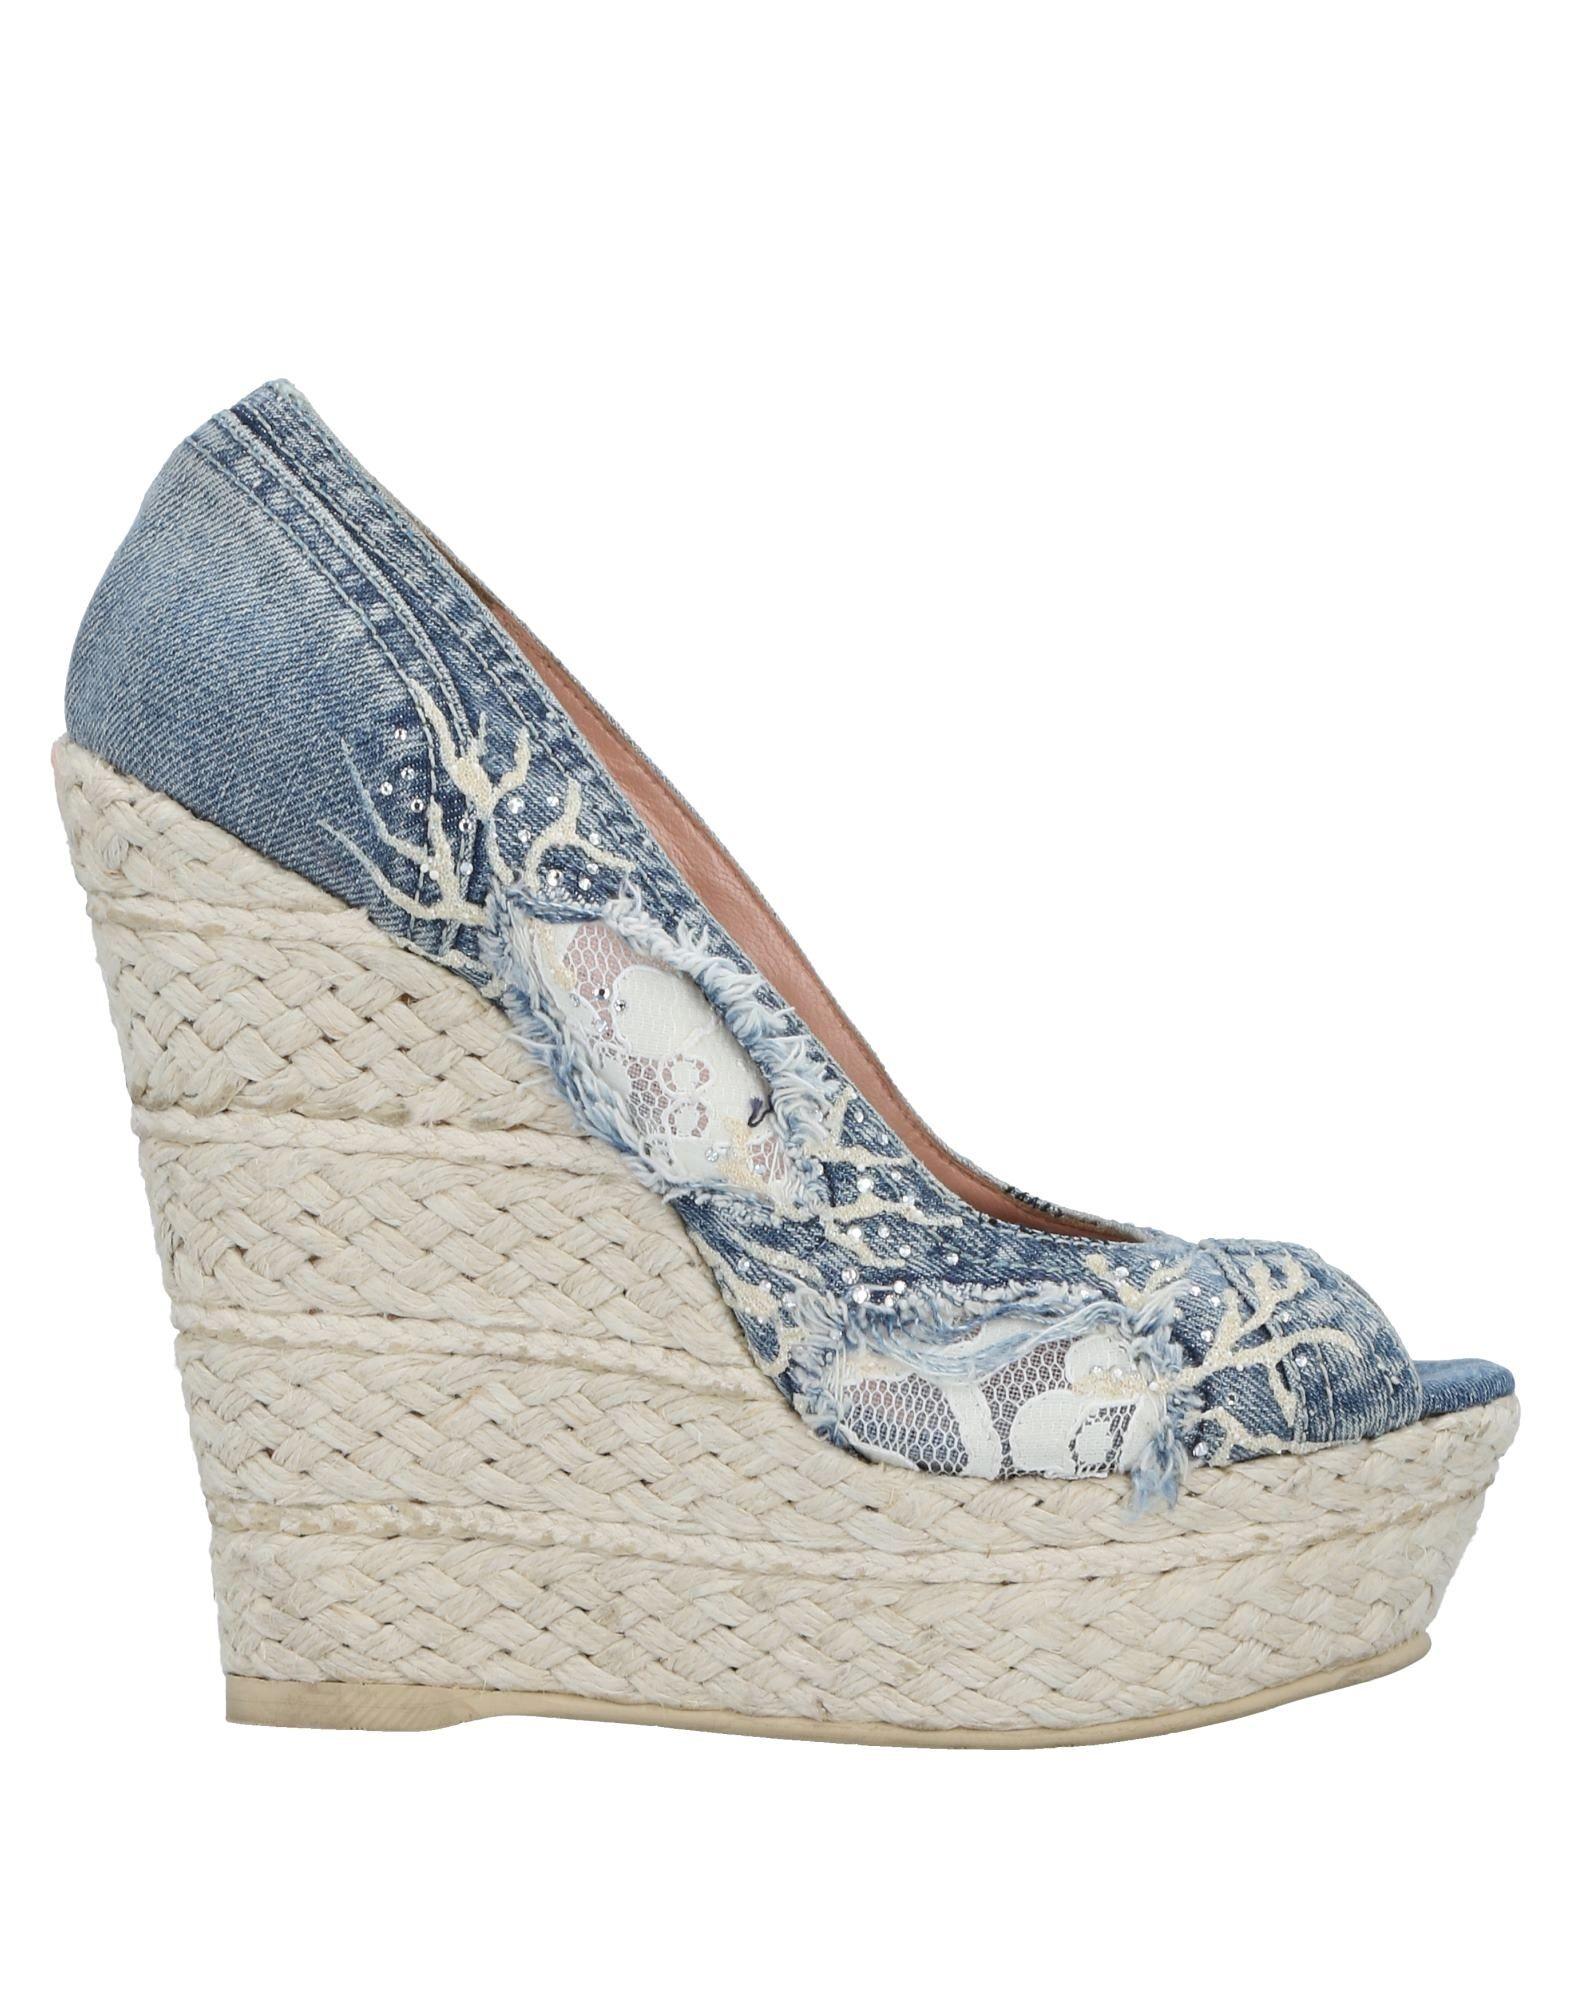 Stilvolle billige Schuhe Gianmarco Lorenzi 11532372UR Pumps Damen  11532372UR Lorenzi 709acb